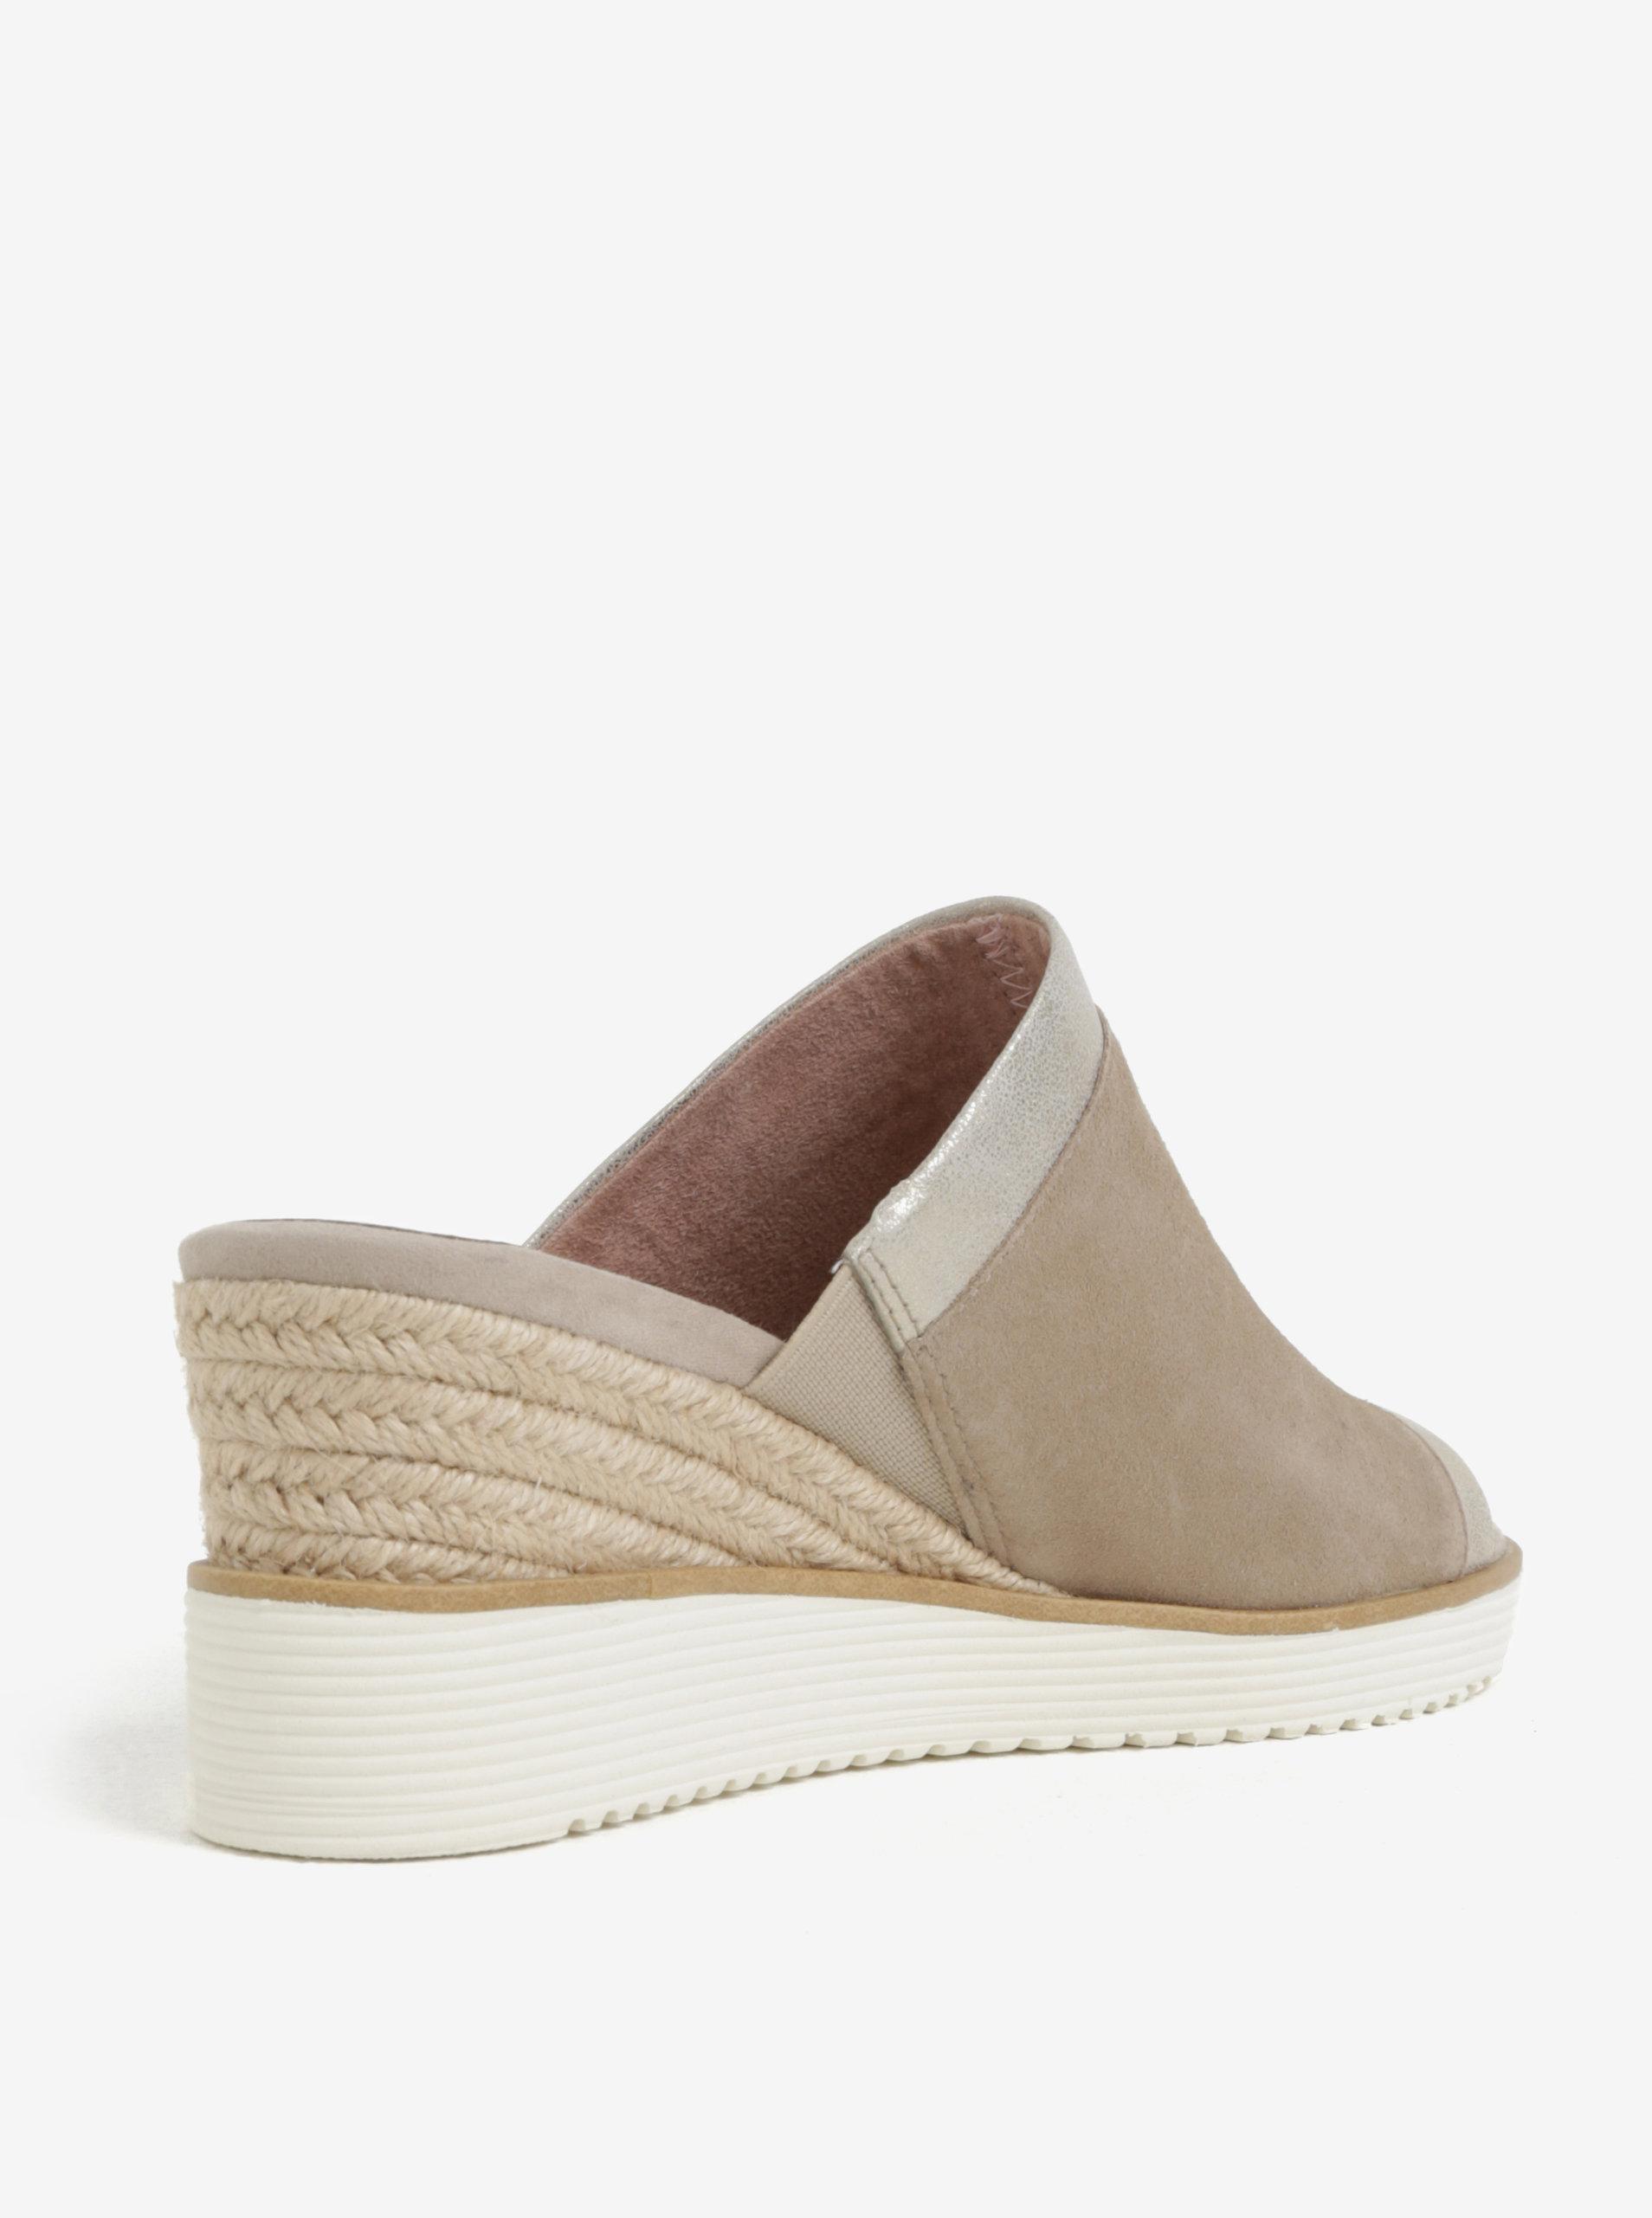 Béžové semišové pantofle na klínku Tamaris ... 545087bd9d